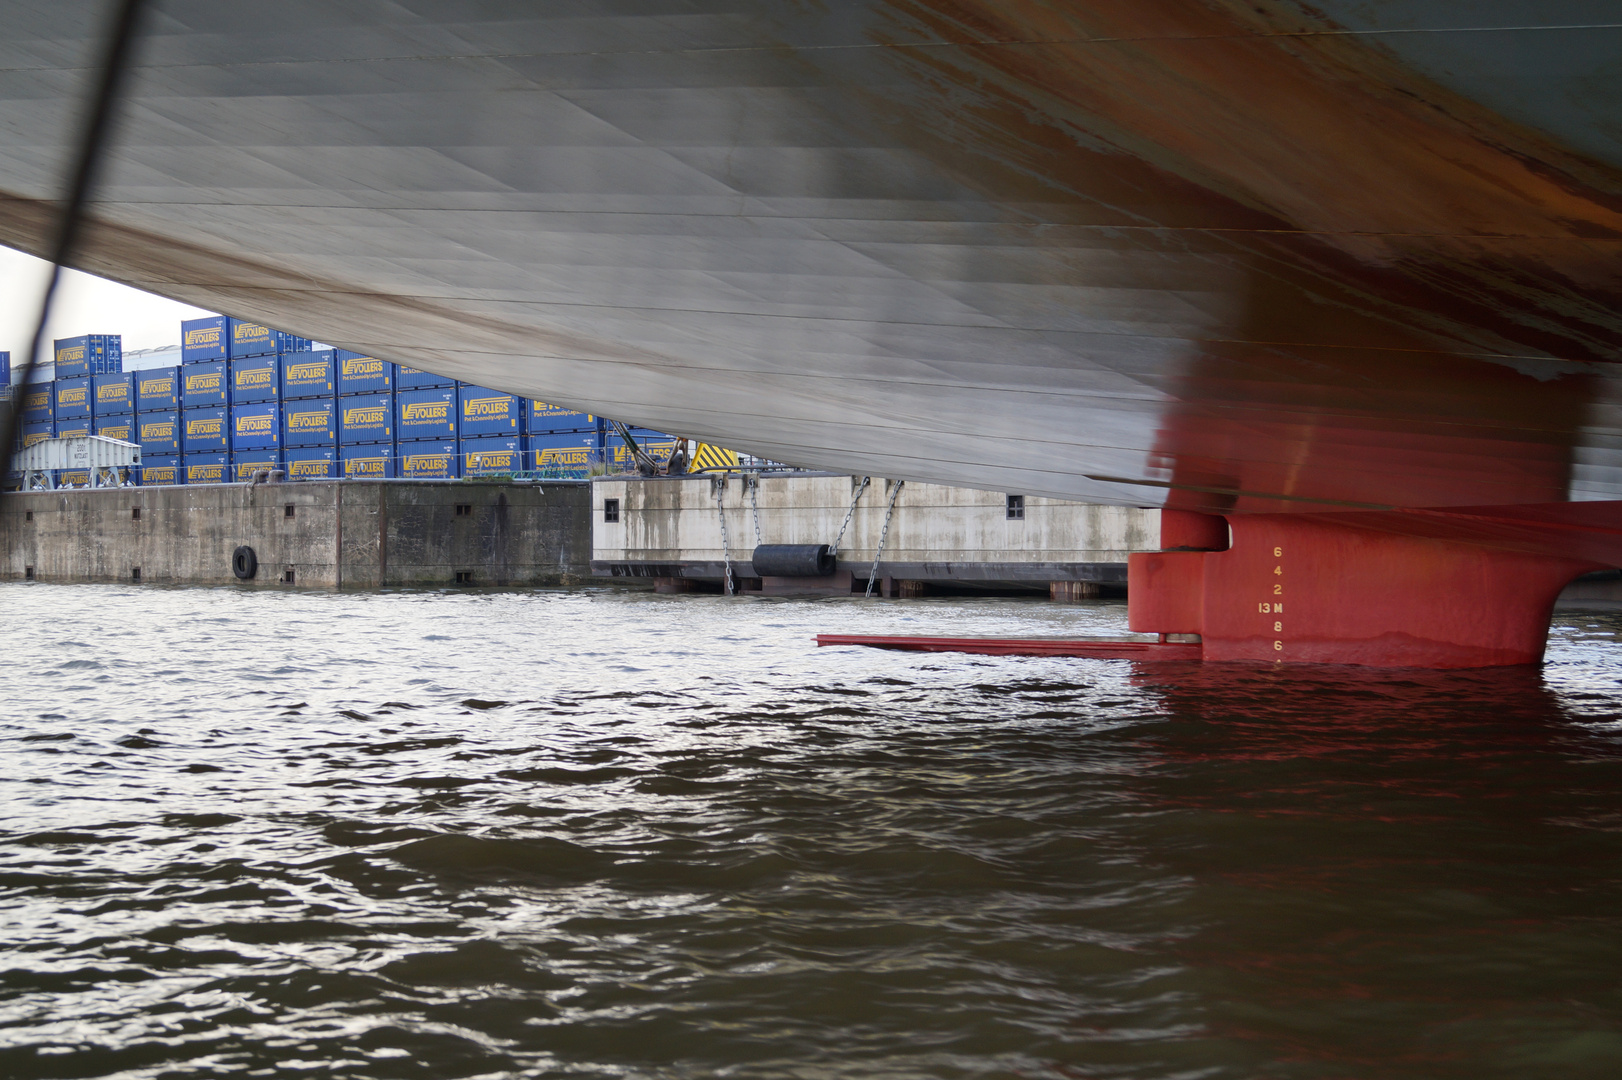 MV Houston Bridge von unten